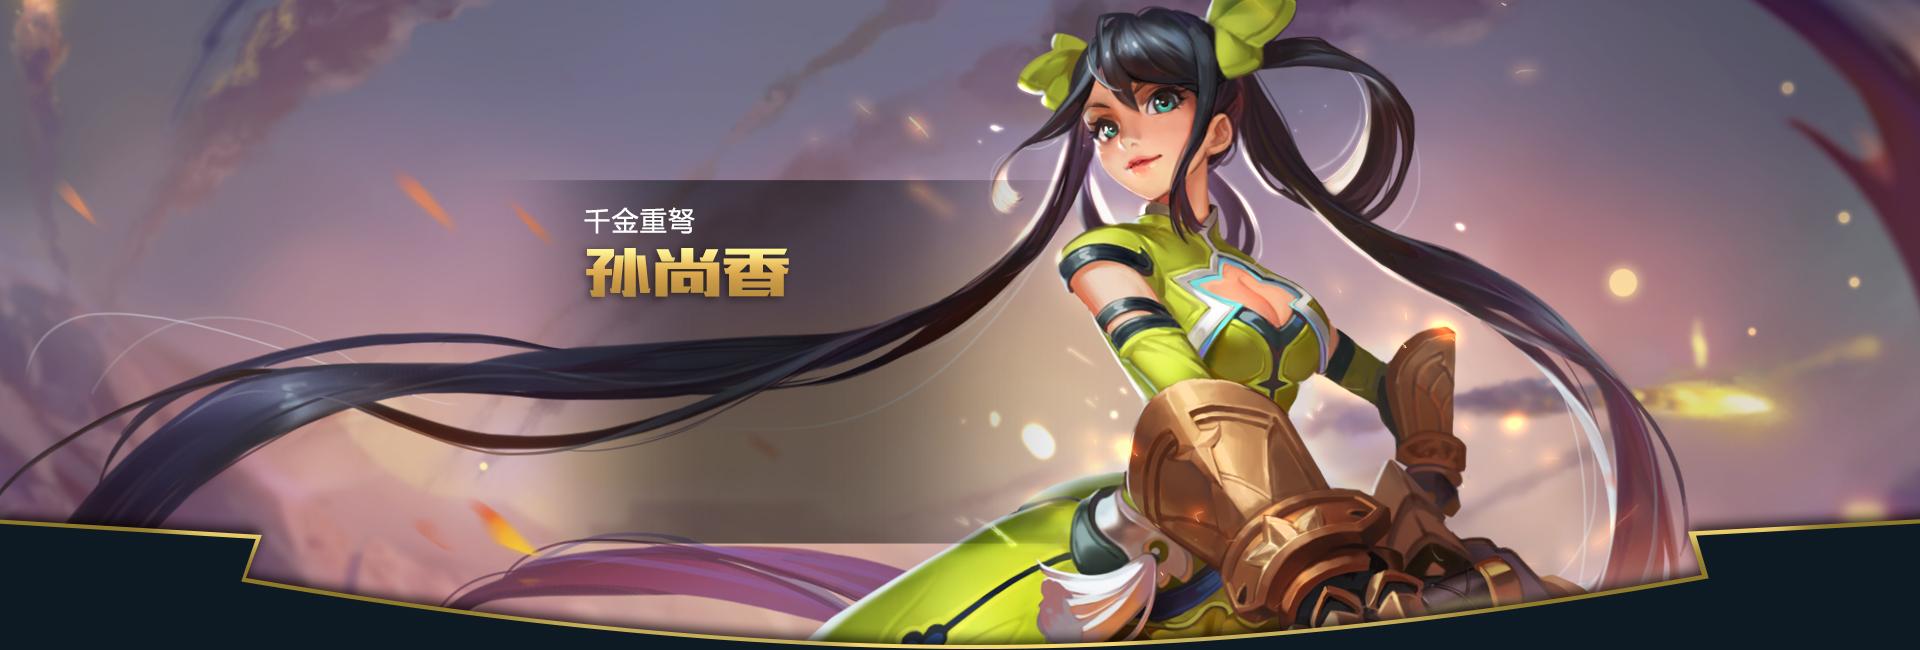 第2弹《王者荣耀英雄皮肤CG》竞技游戏56